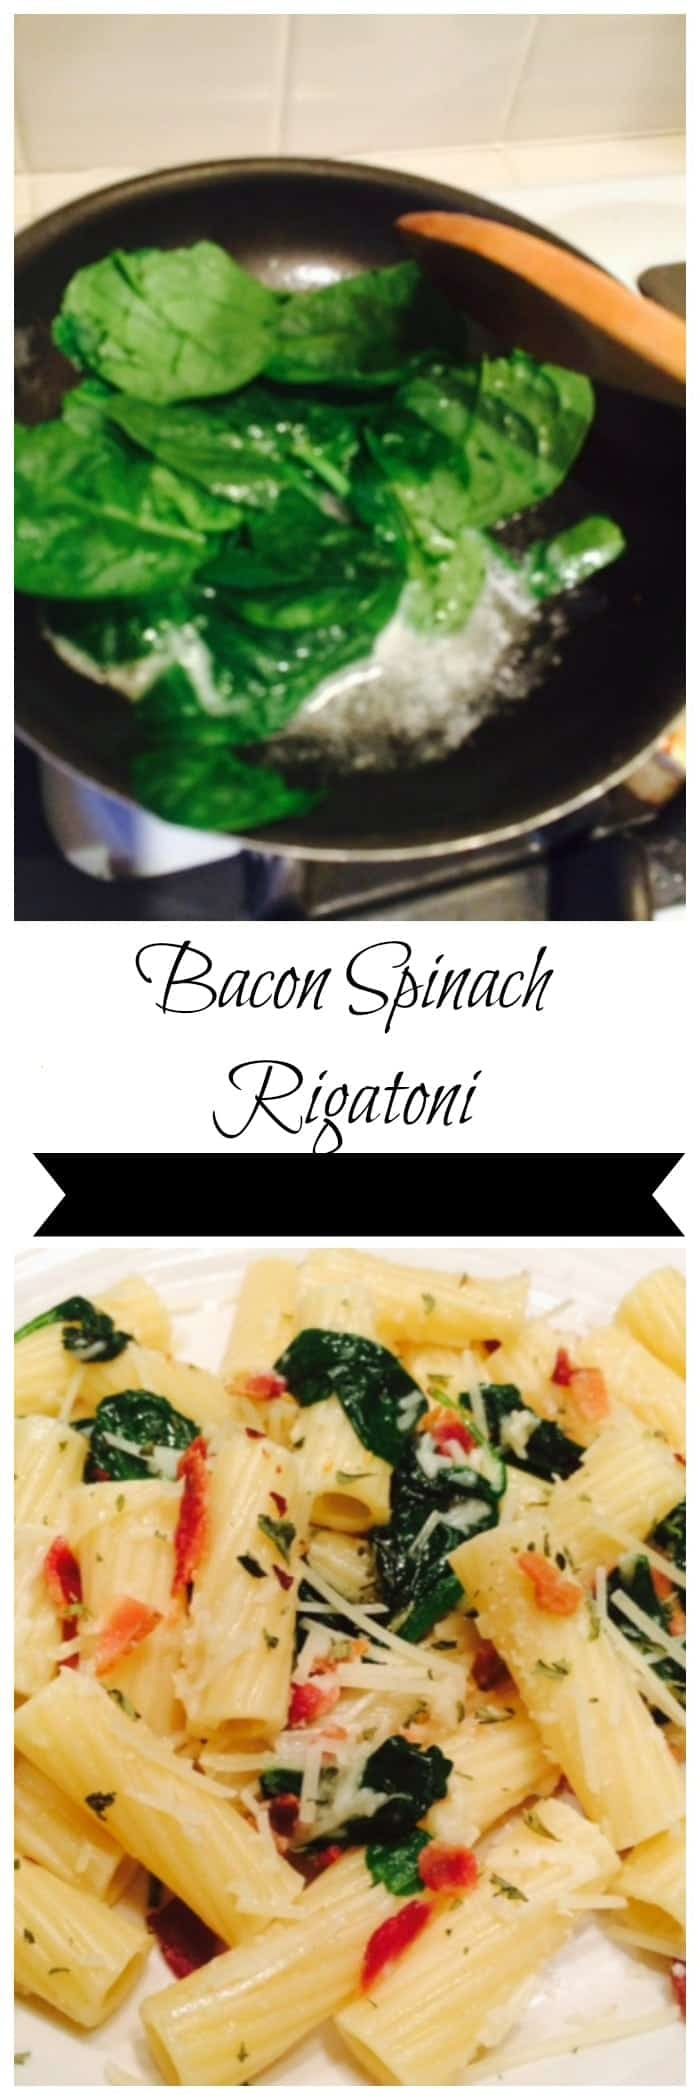 Bacon Spinach Rigatoni